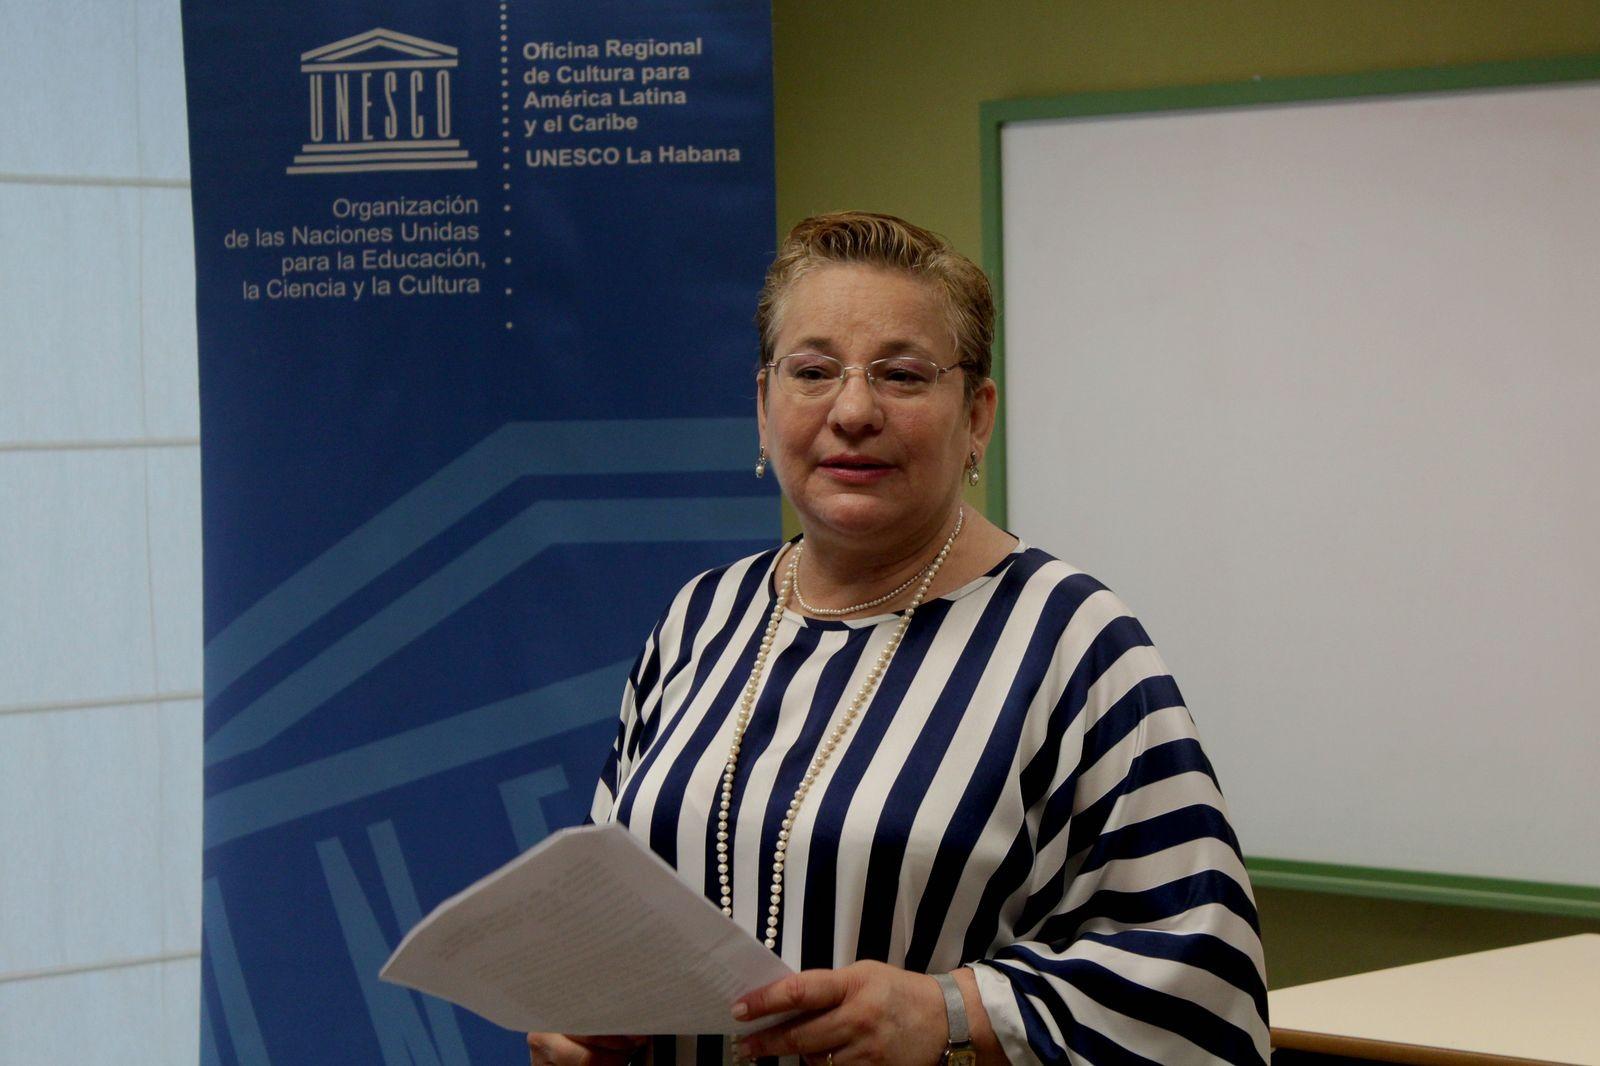 Katherine Müller, Directora Regional de Cultura para América Latina y el Caribe de la UNESCO